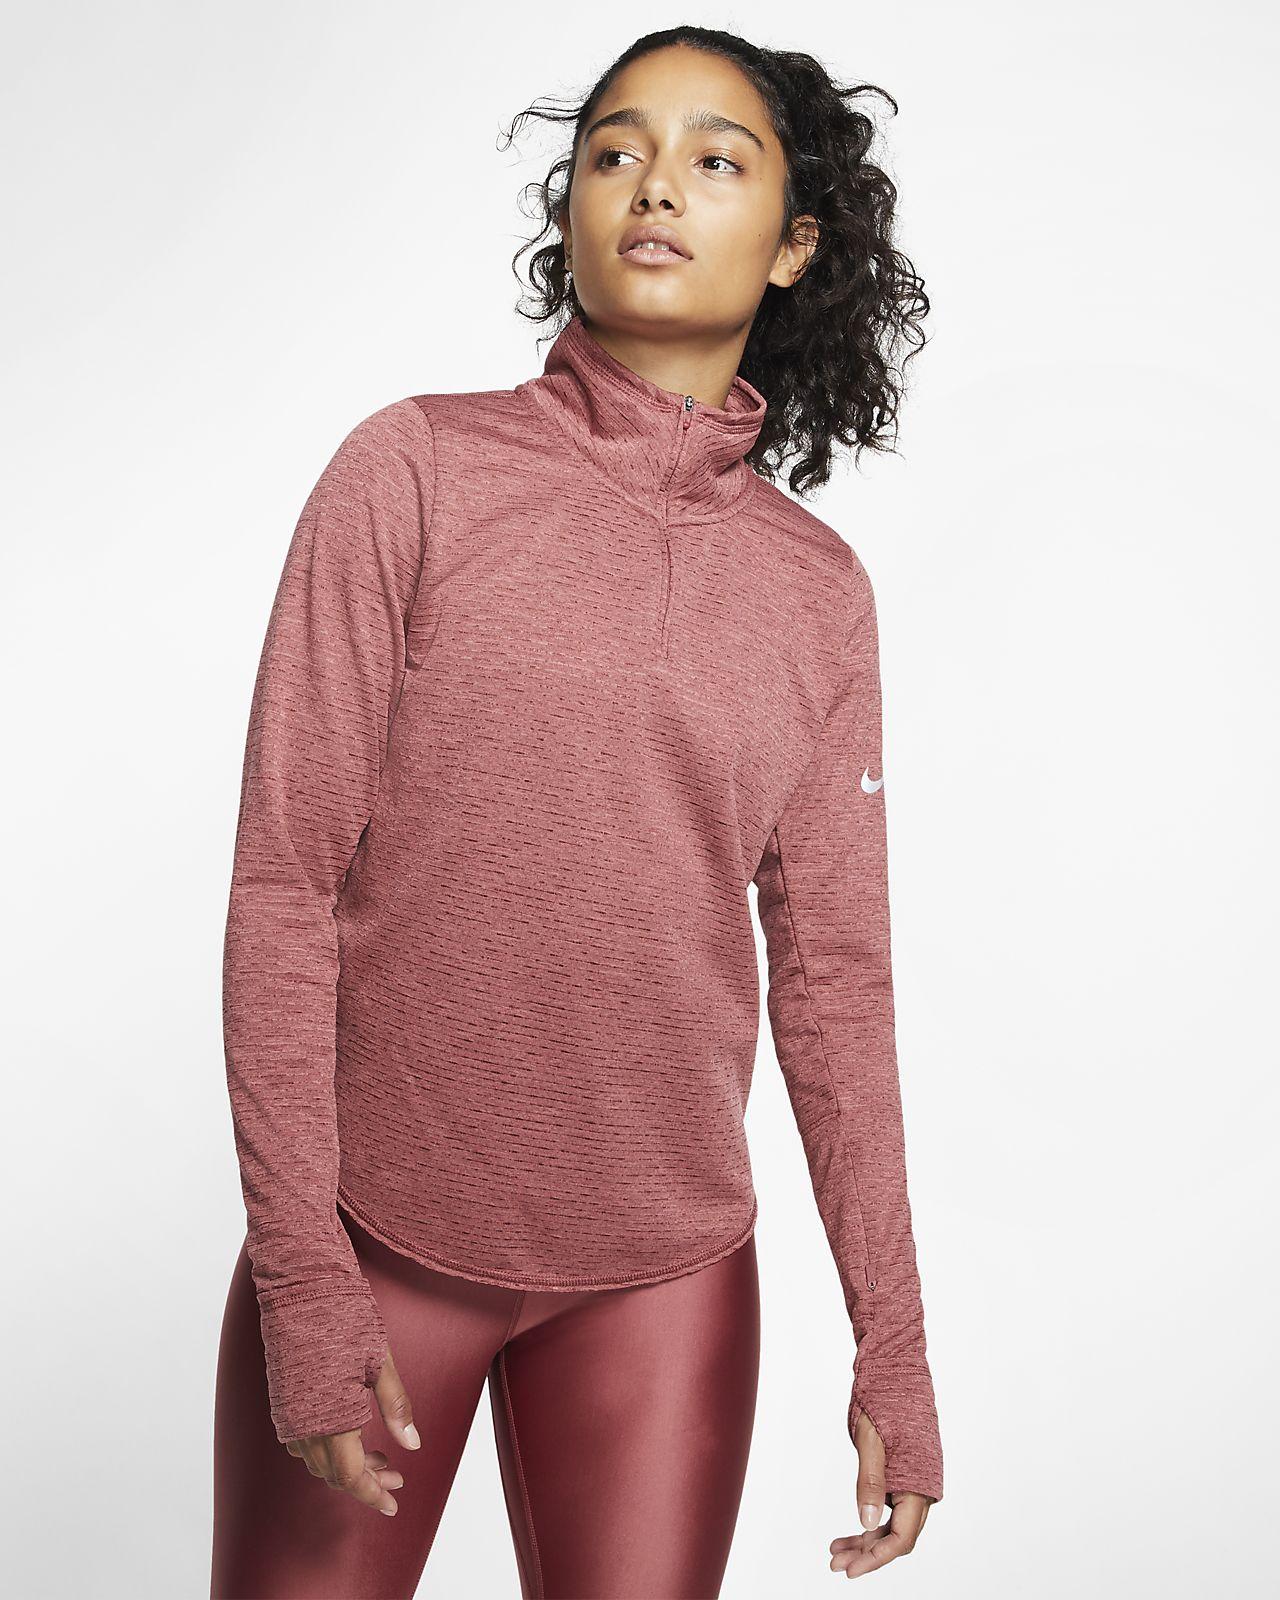 Nike Sphere Laufoberteil mit Halbreißverschluss für Damen